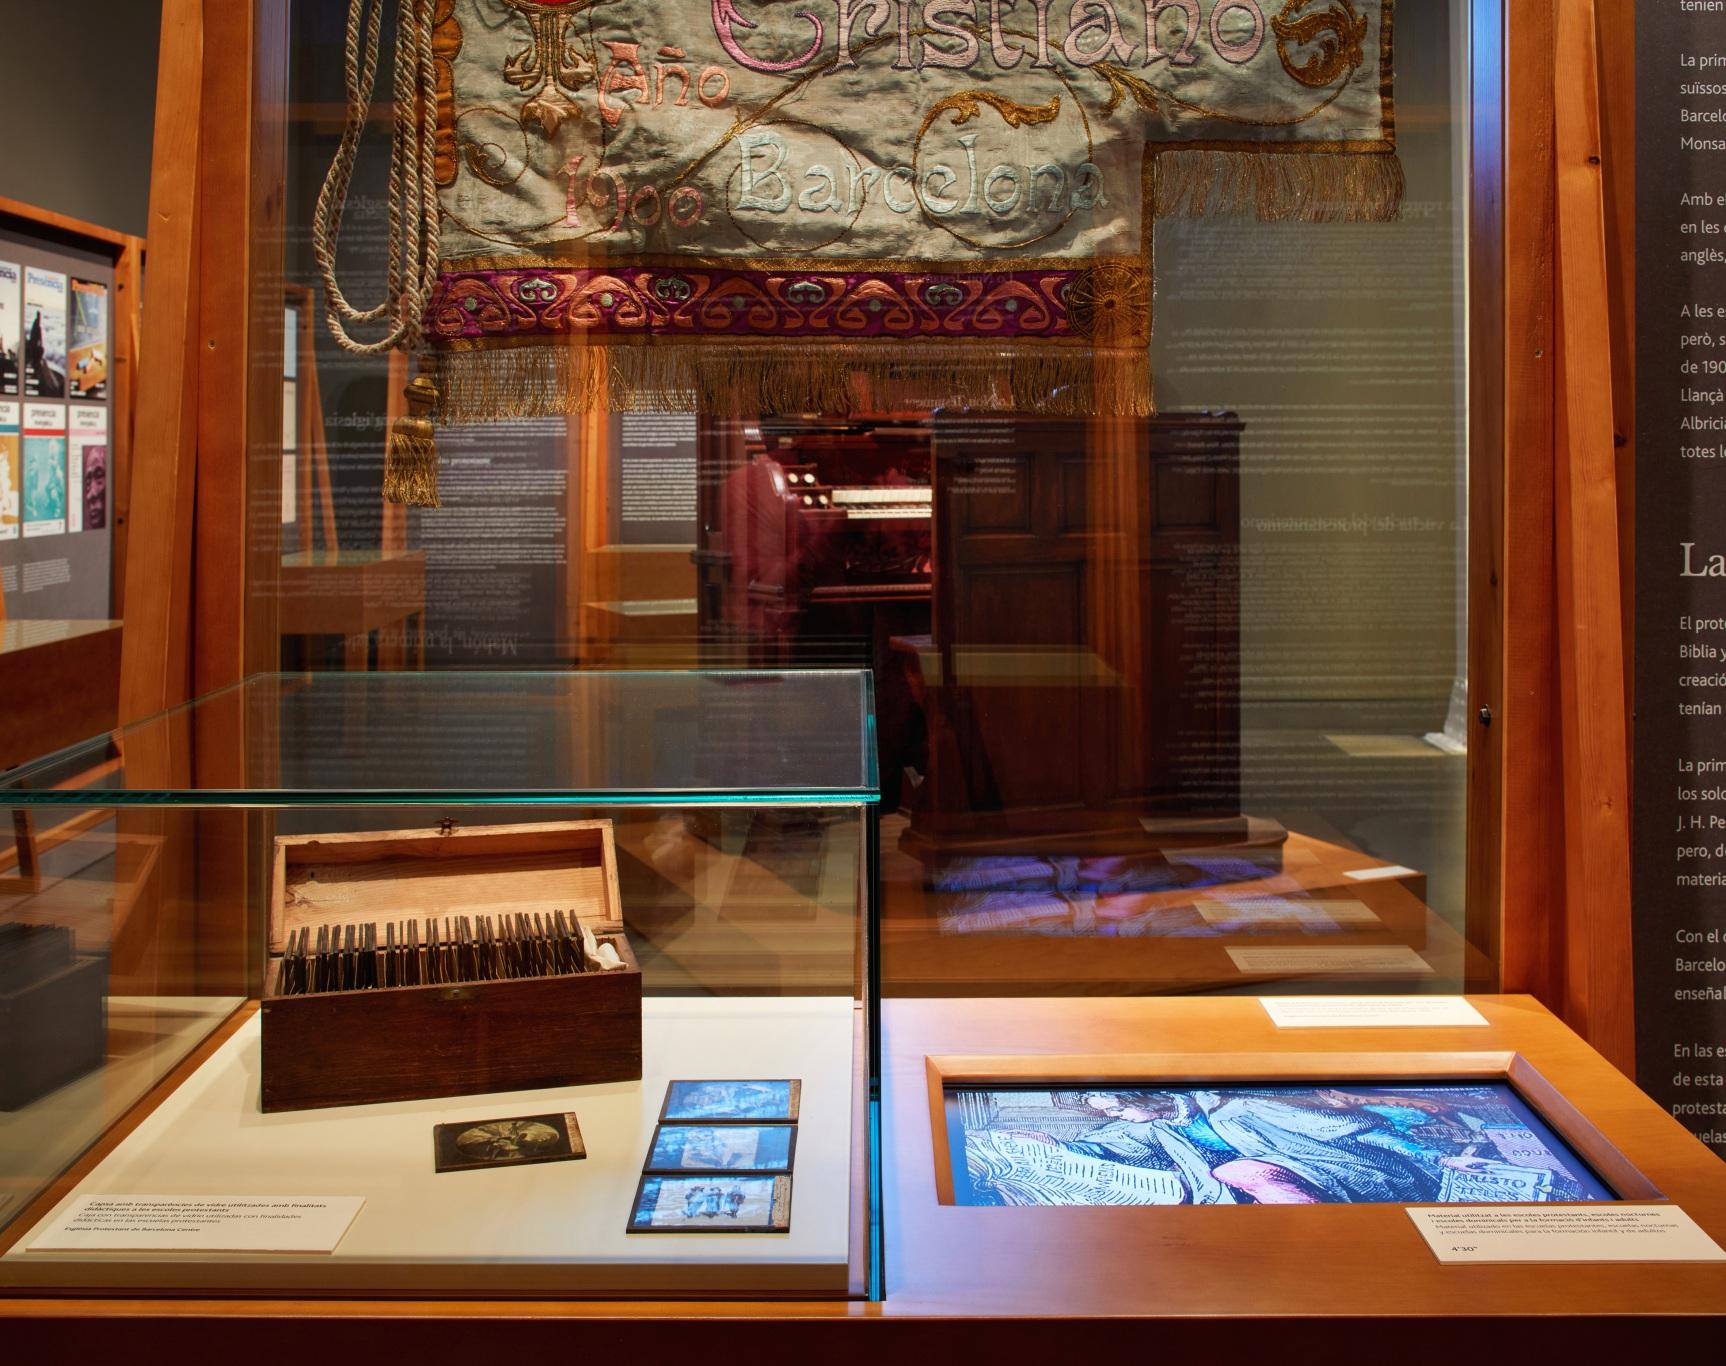 Exposición protestantes Caixaforum. Vitrinas y paneles de madera, proyección audiovisual y armónium. Vitrina con diapositivas y estandarte, audiovisual integrado. De fondo, armónium.